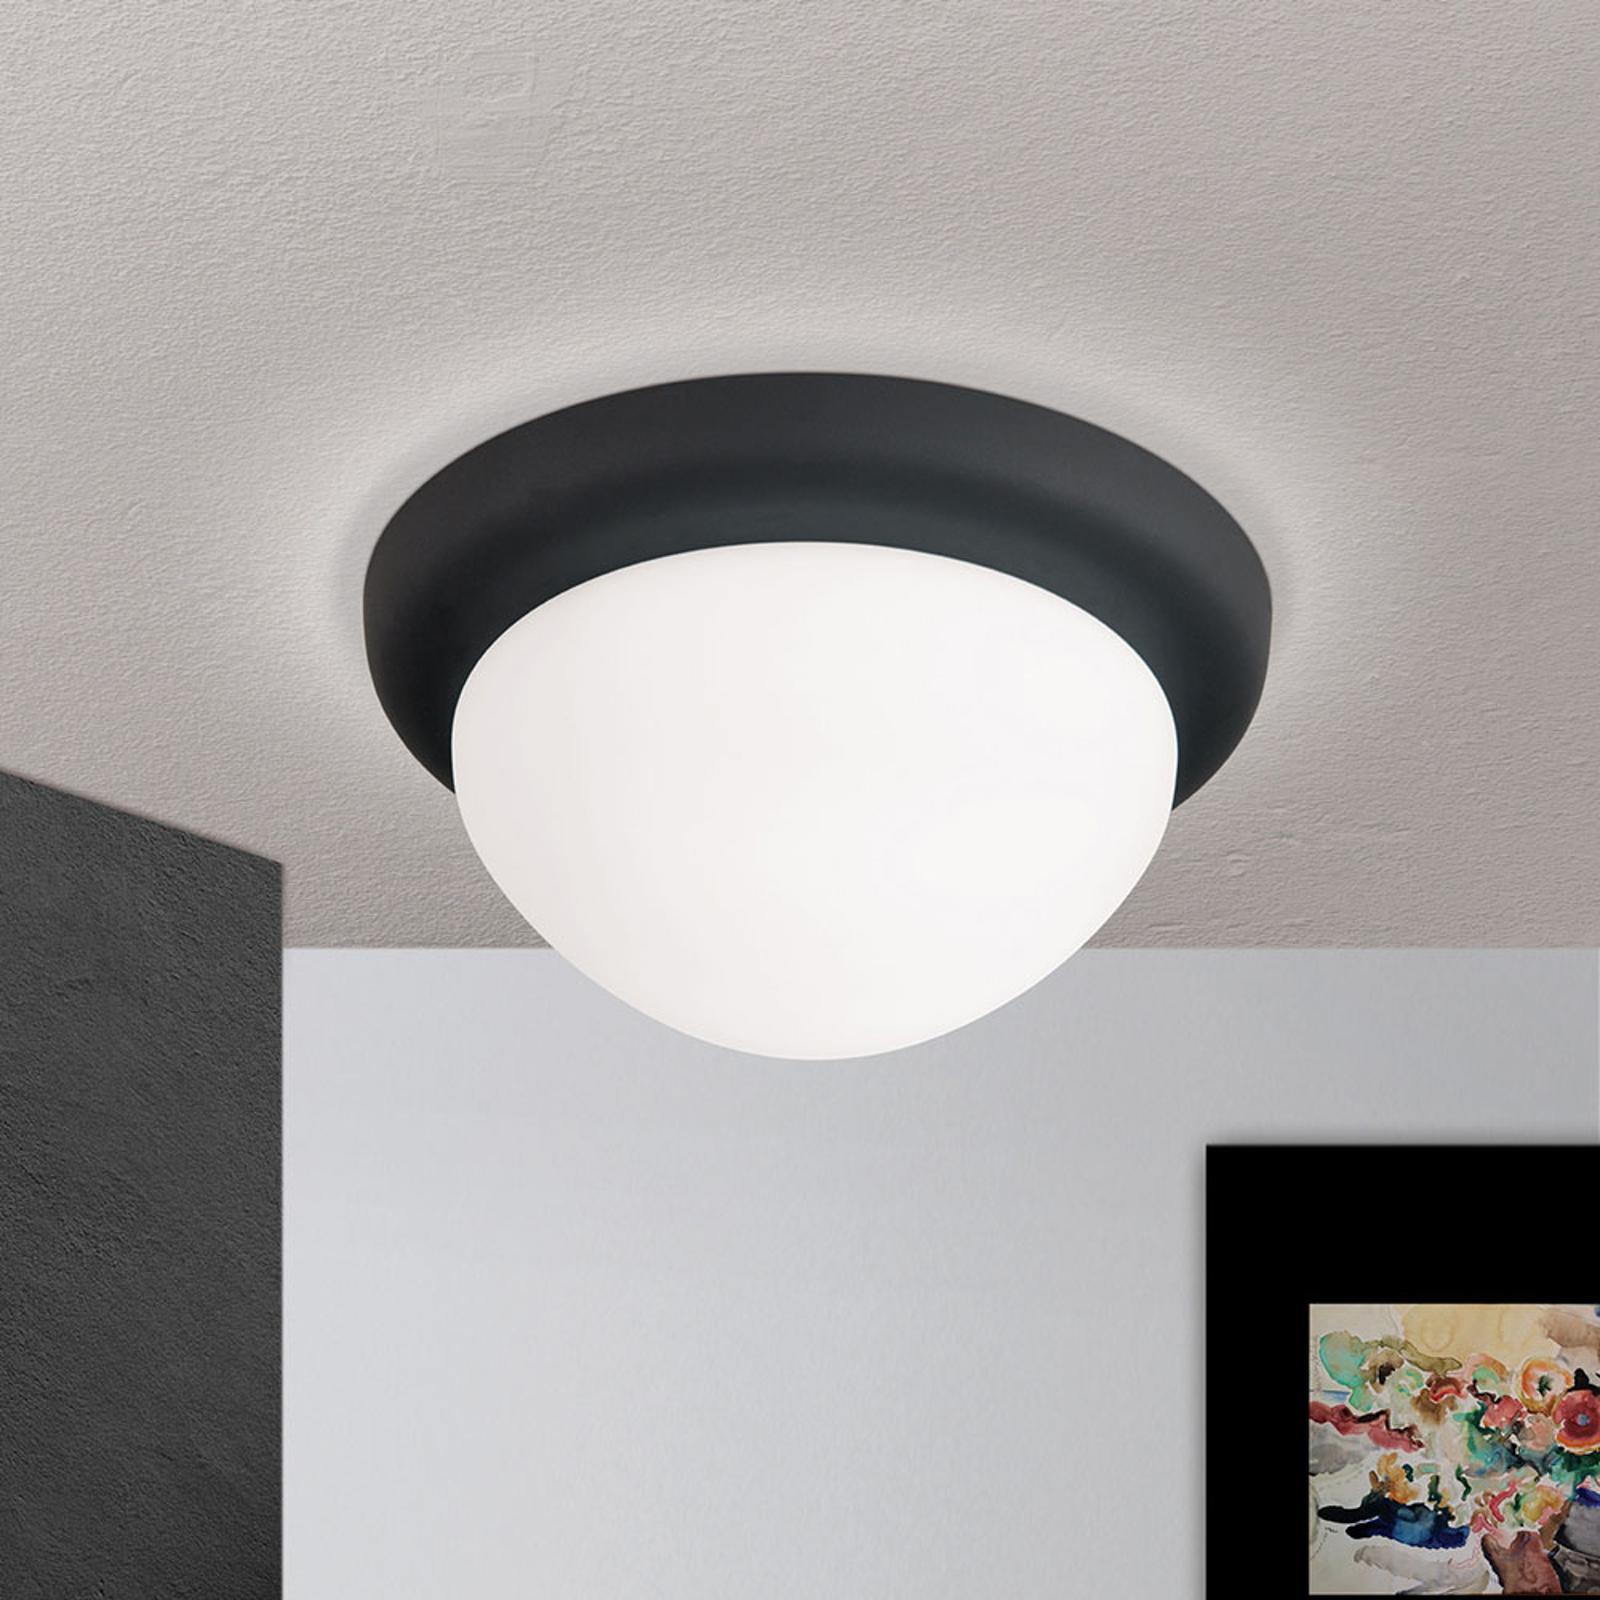 Kattovalaisin Classico, musta/valkoinen, Ø 22 cm